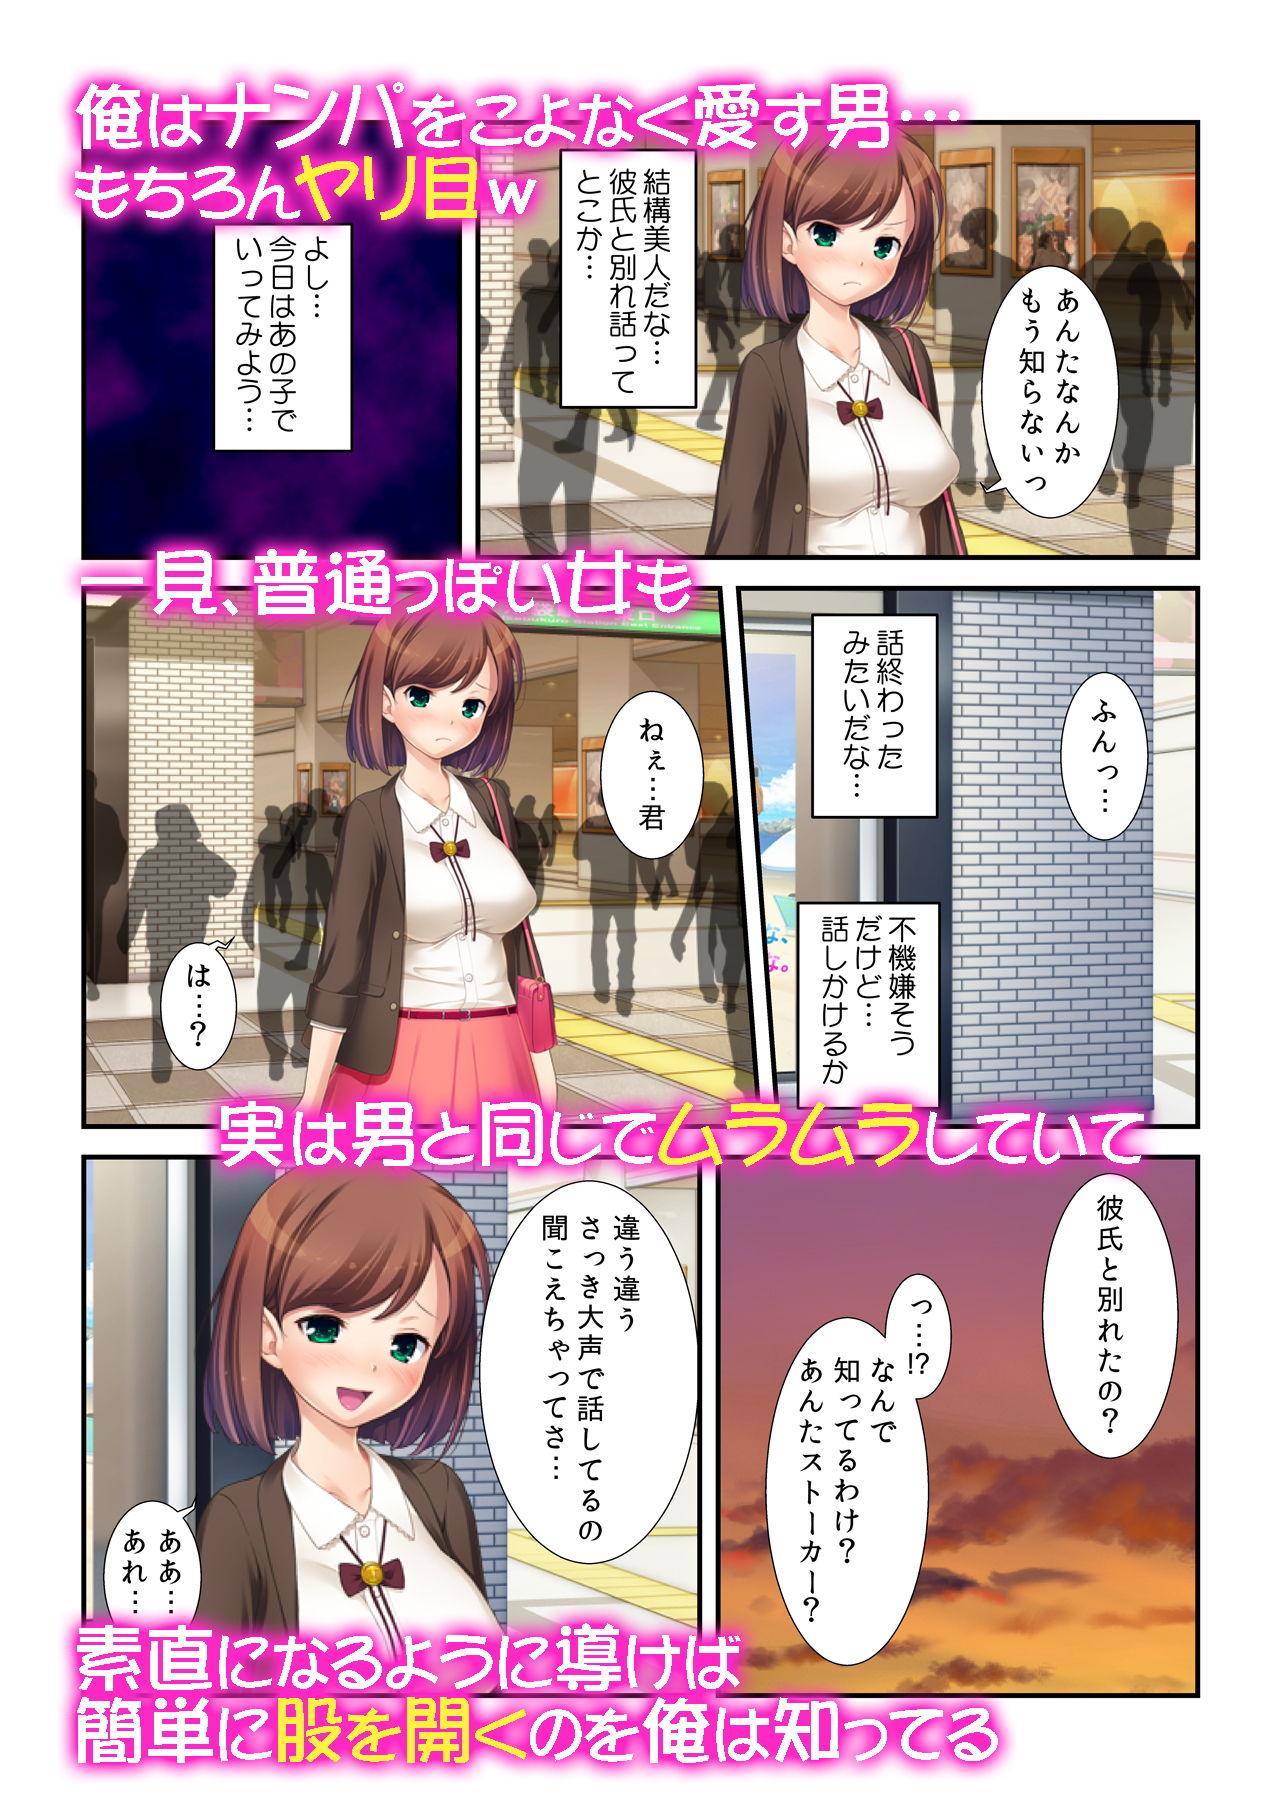 https://www.dmm.co.jp/dc/doujin/-/detail/=/cid=d_141367/